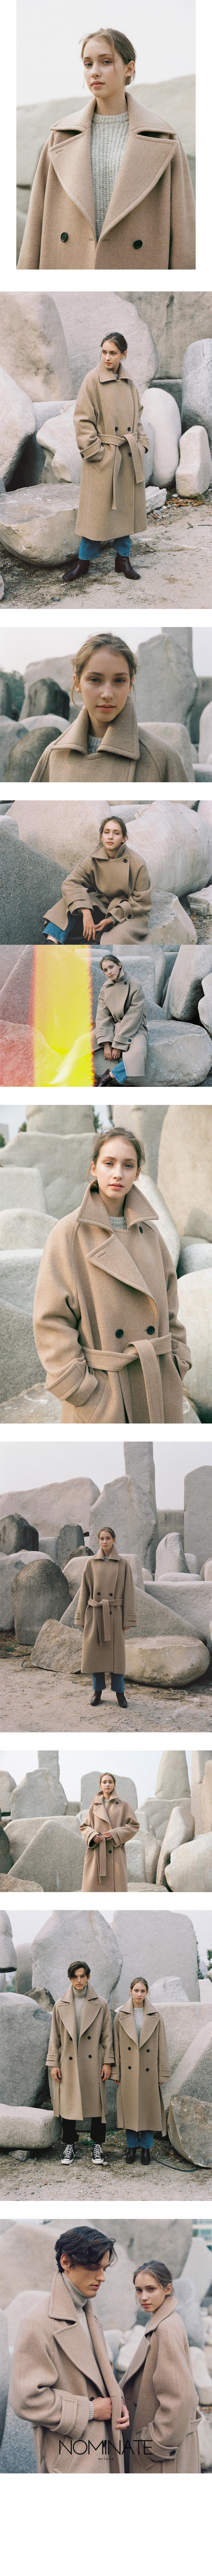 노미나떼(NOMINATE) DOUBLE WOOL LONG COAT OATMEAL (WOMEN)